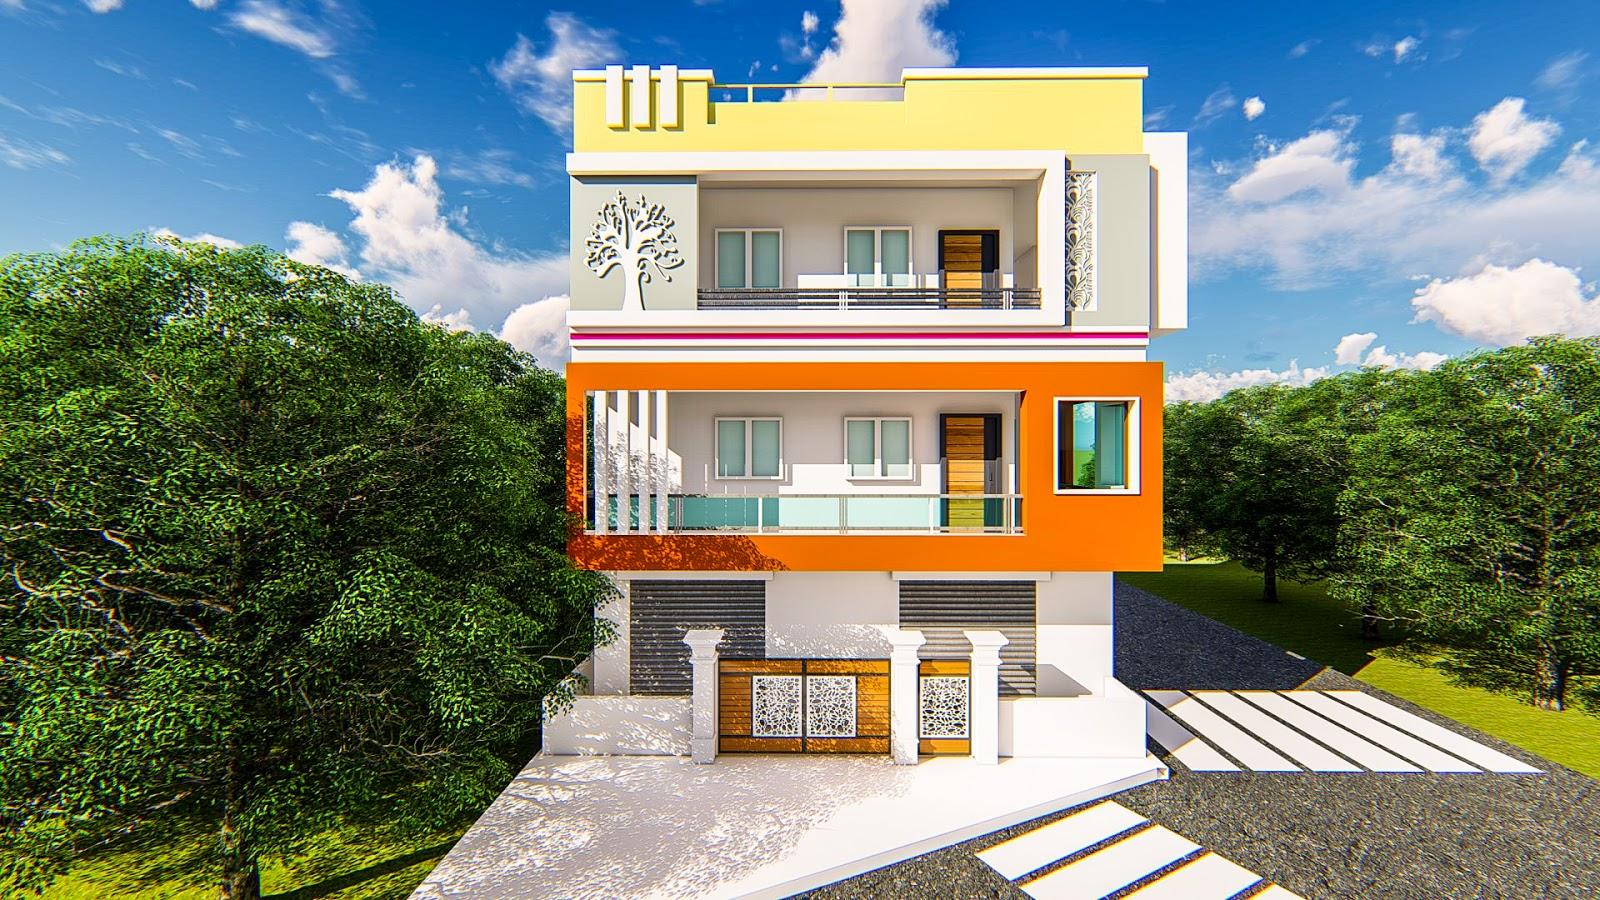 Home front elevation design